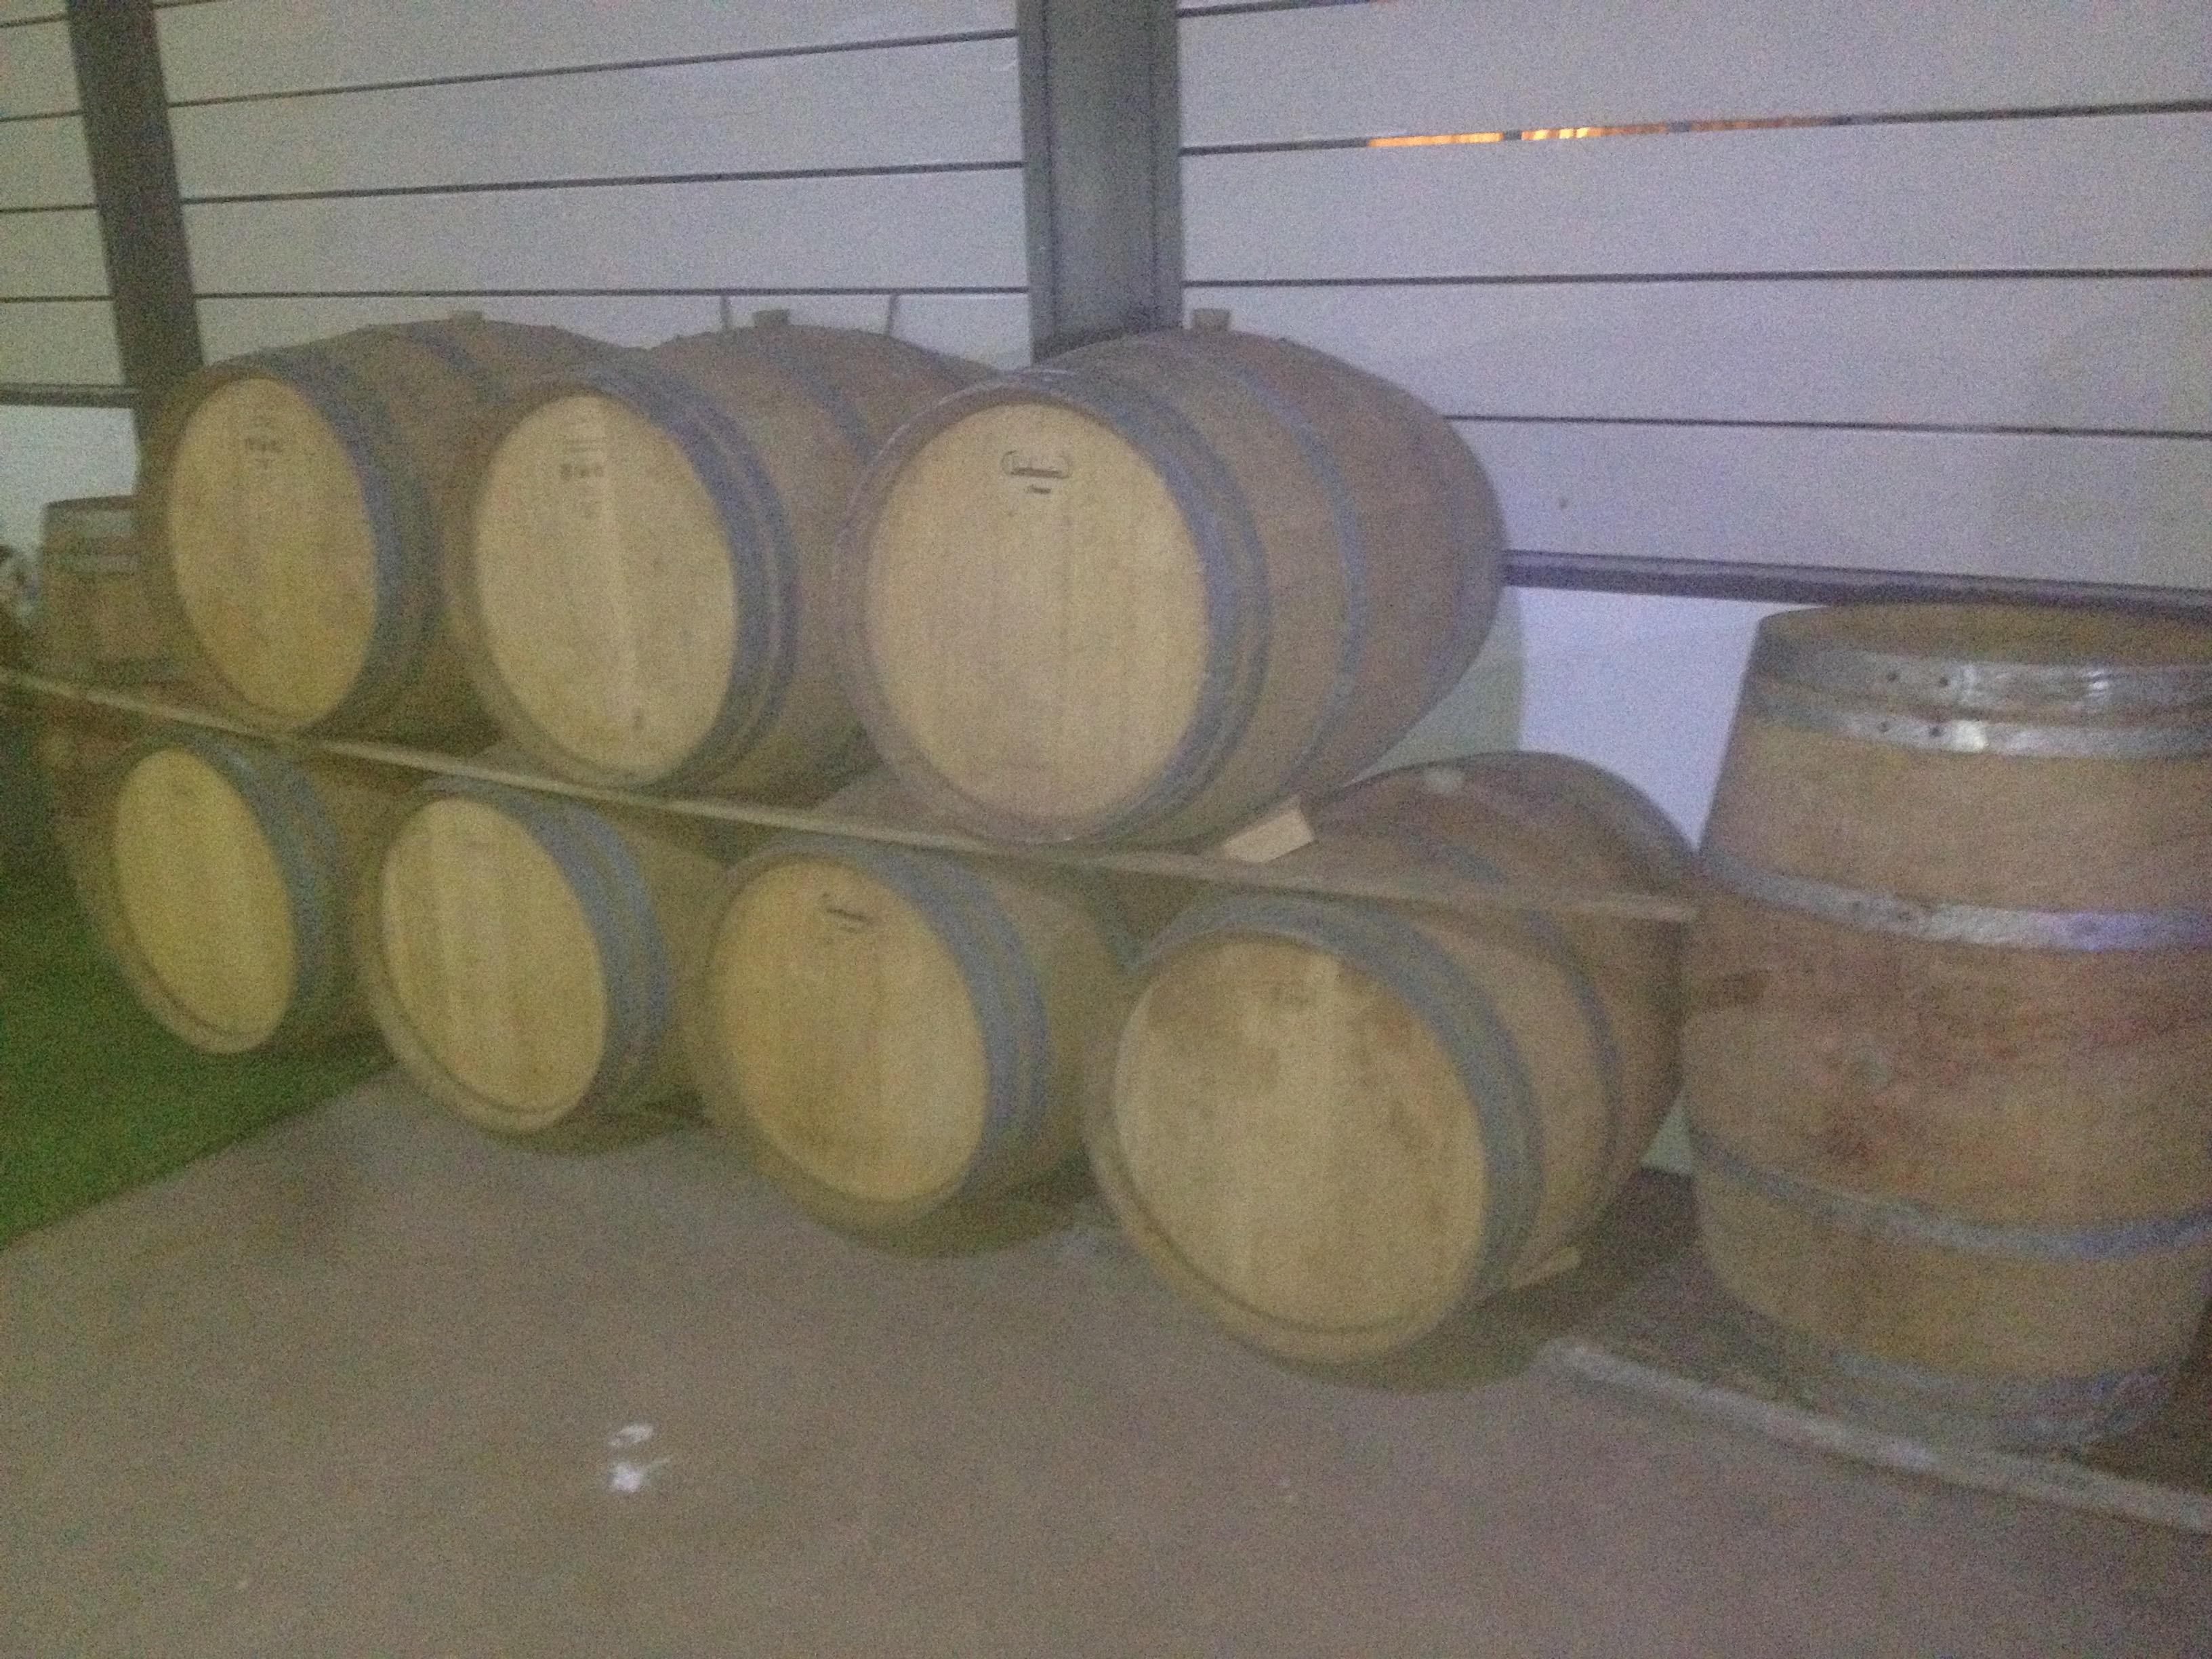 חביות יין מעץ למכירה